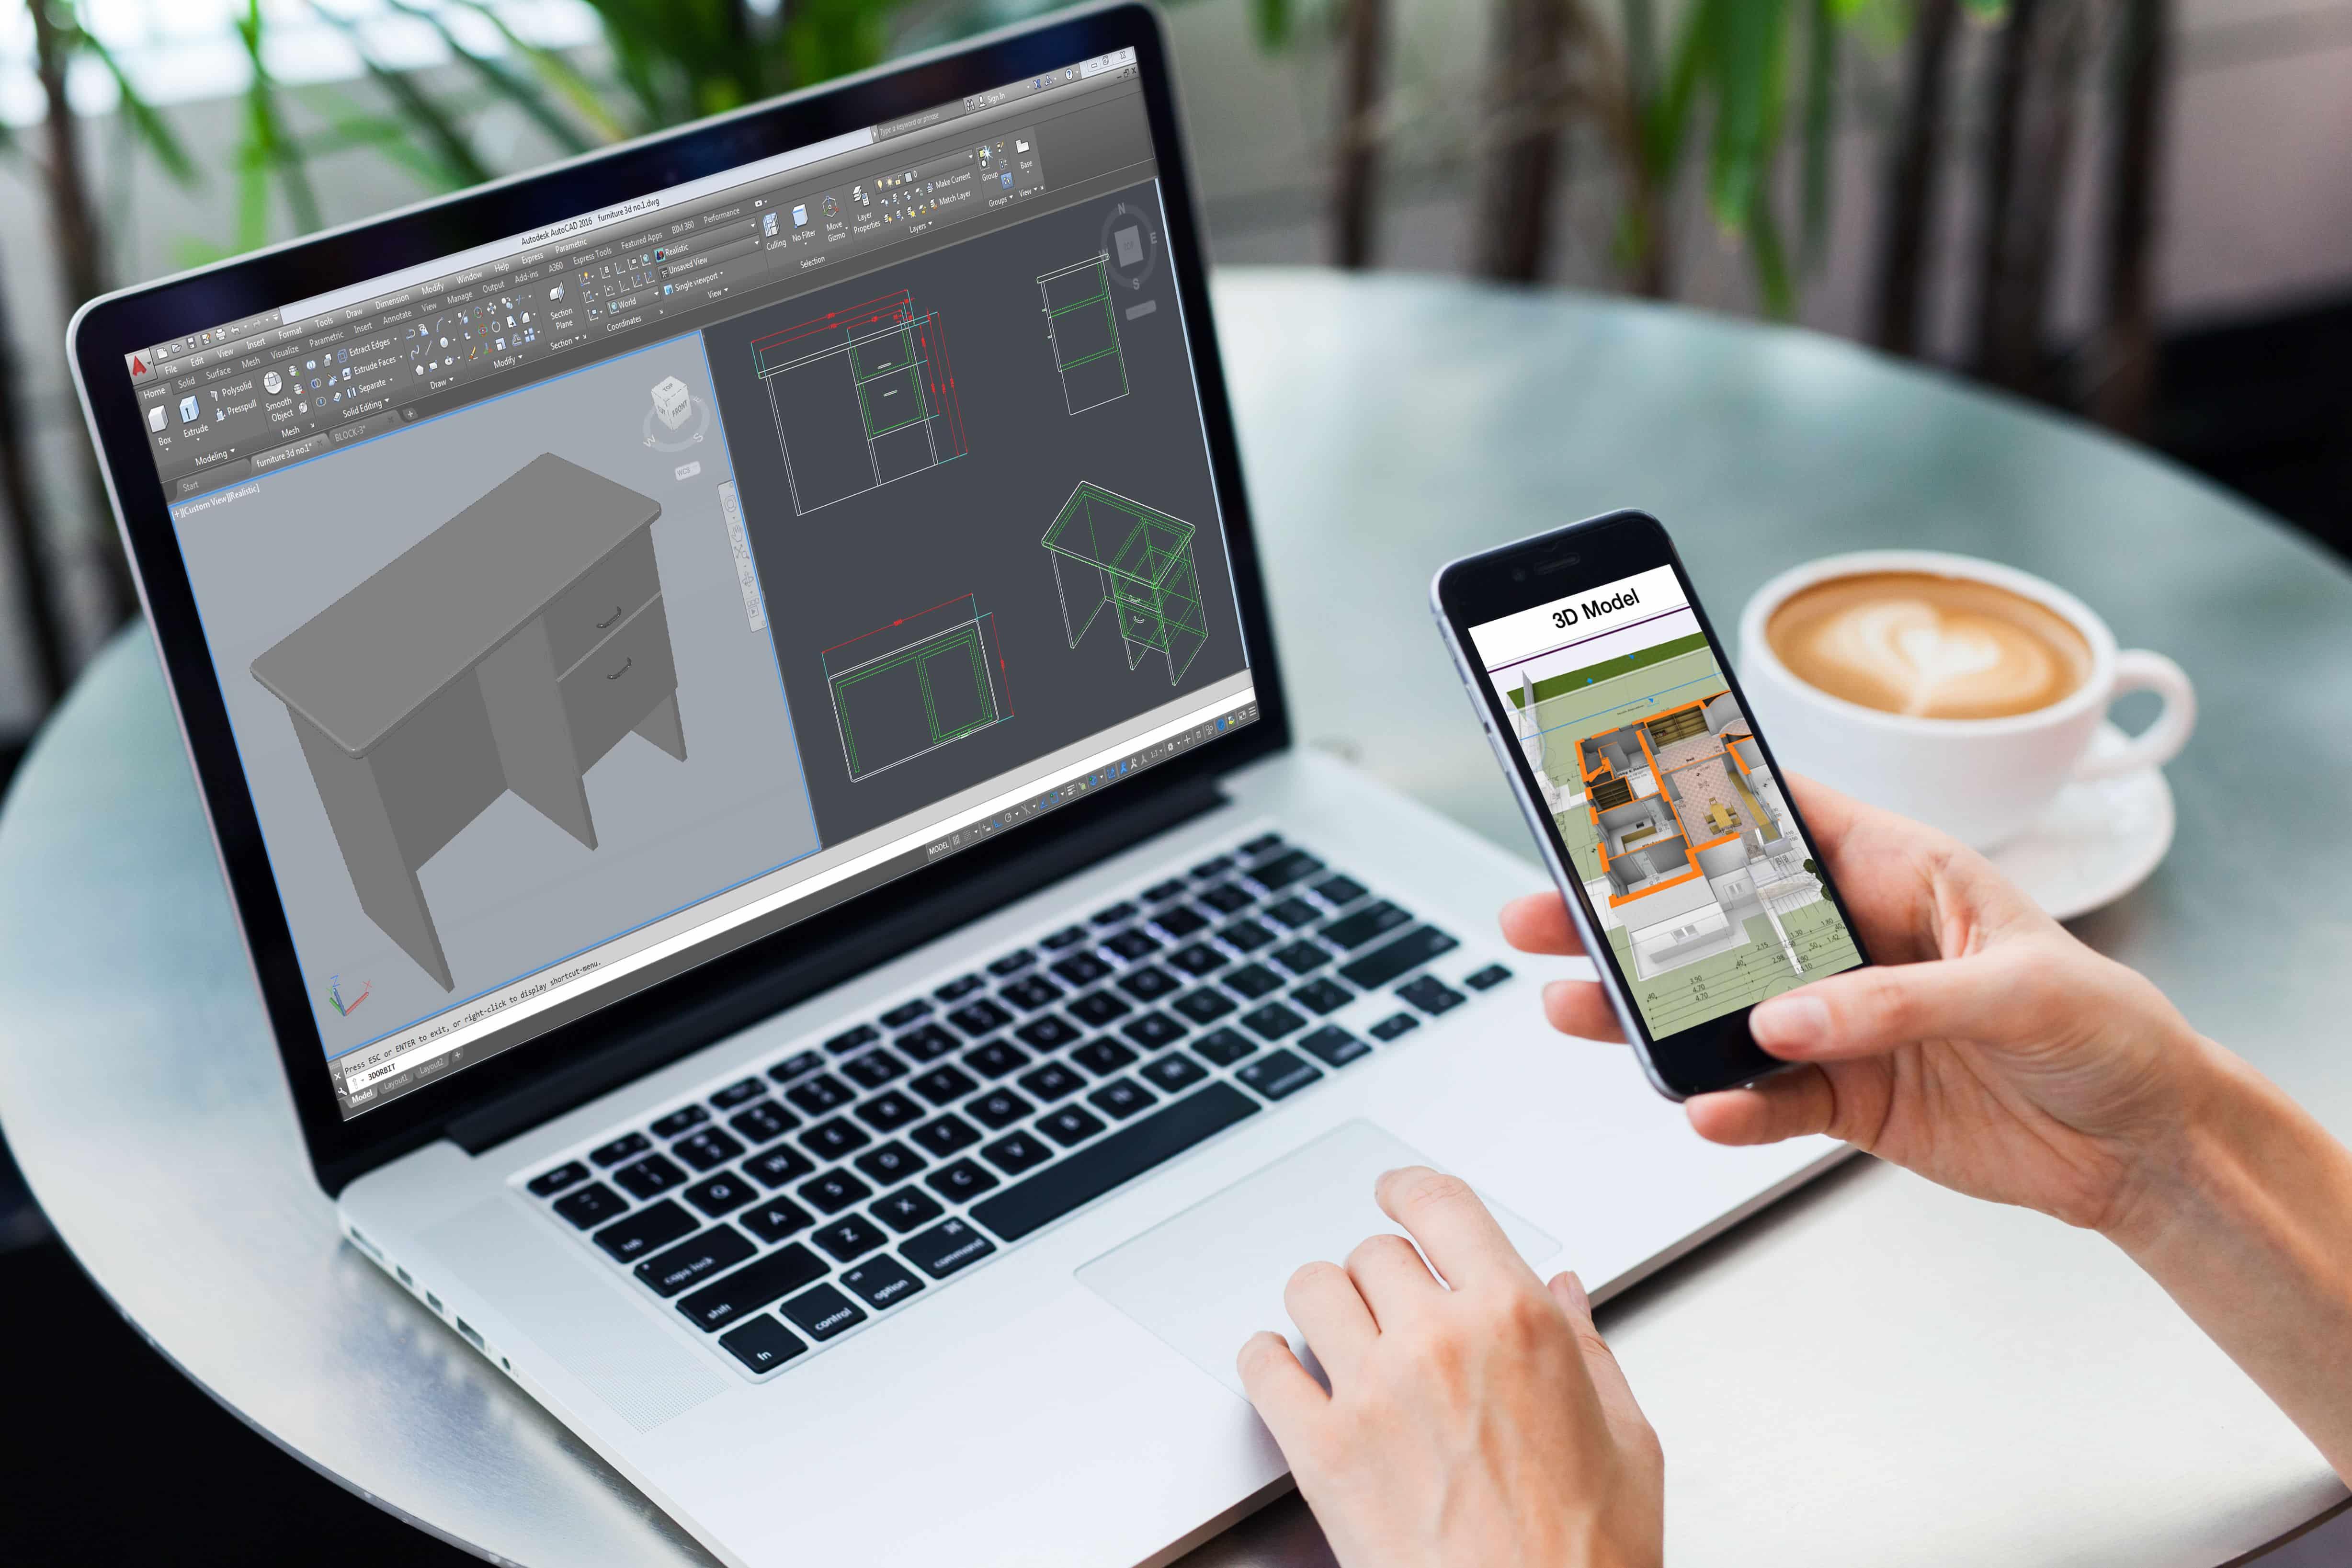 ทางเลือกสำหรับนักออกแบบ แอพพลิเคชั่นที่จะช่วยให้งานออกแบบง่ายขึ้น